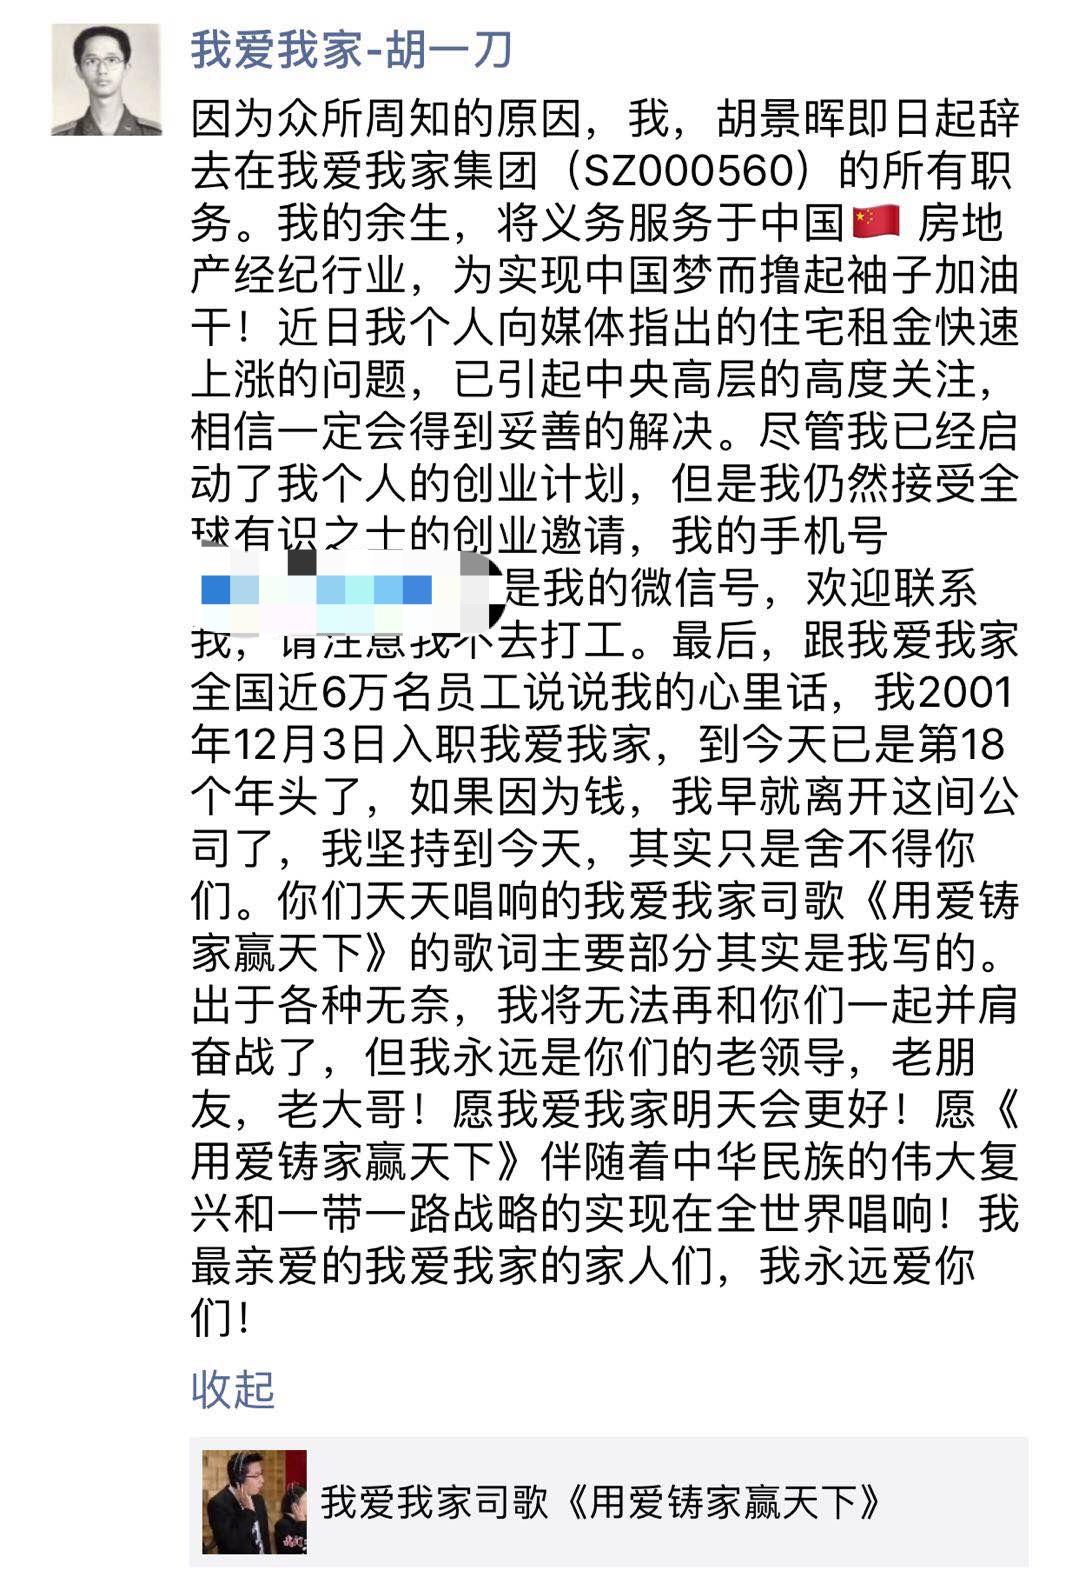 我爱我家胡景晖宣布辞职 曾炮轰长租公寓推高房租